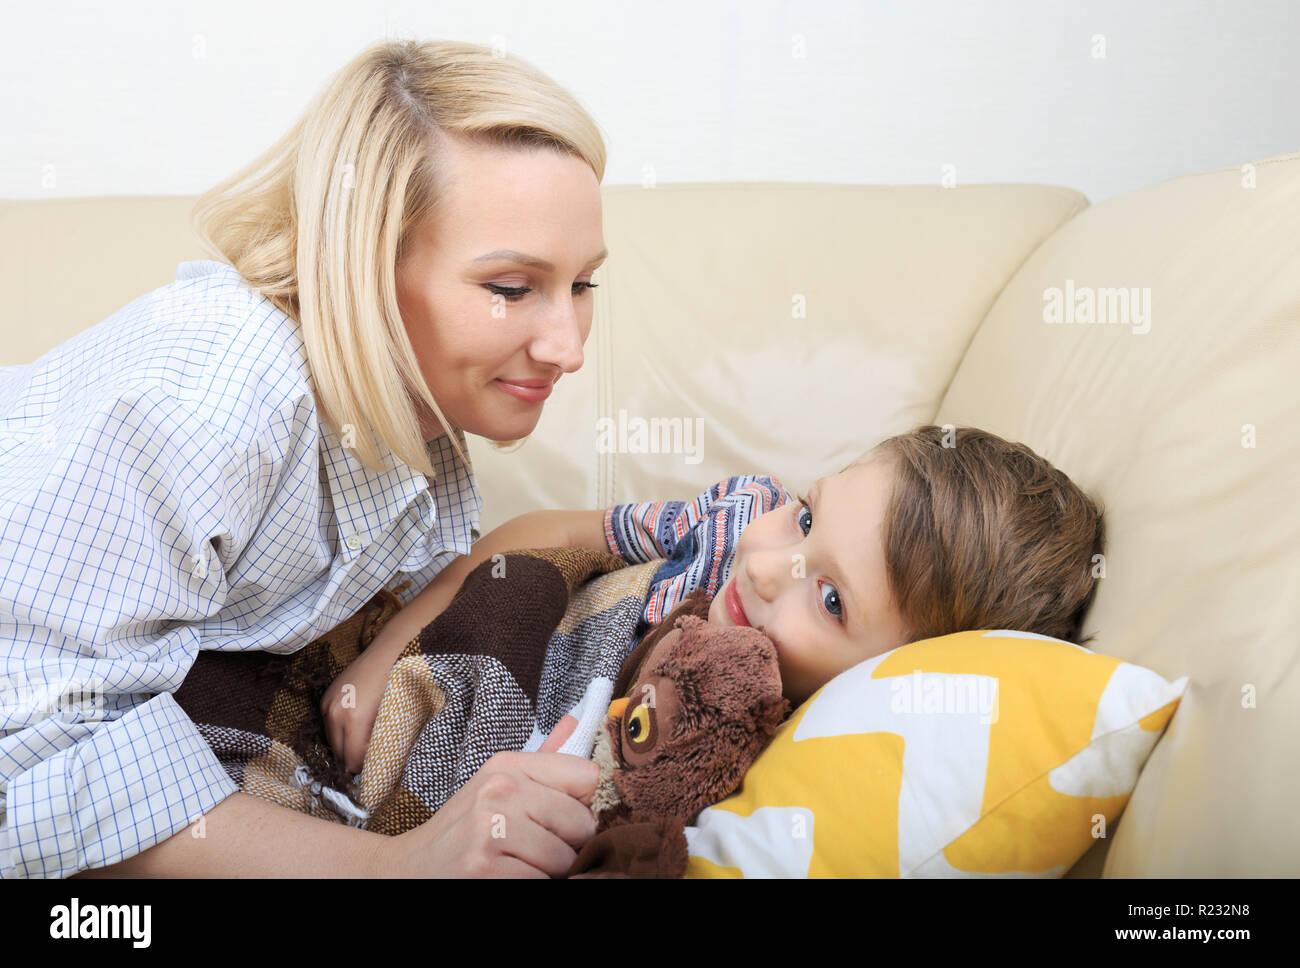 Mutter Sohn Zu Schlafen Mutter Sohn Zu Bett Süße Schlafendes